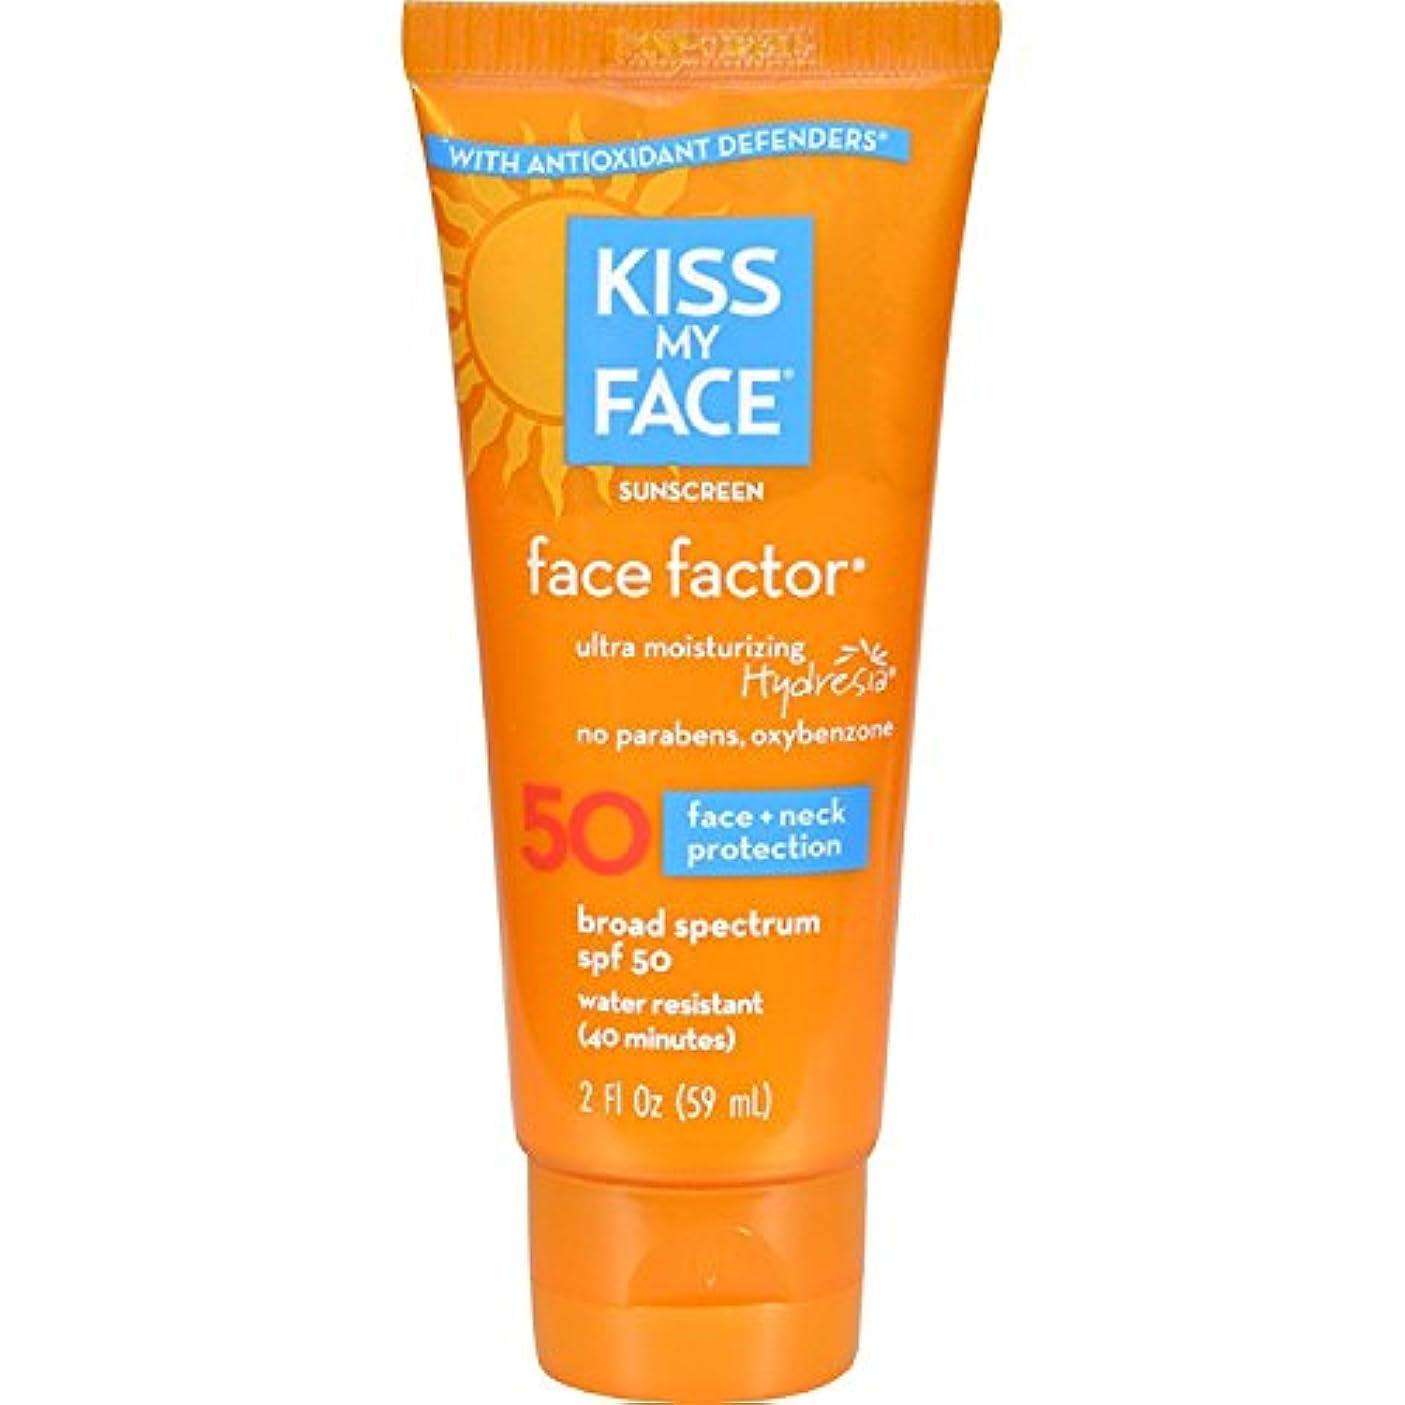 人種絶えず導入するKISS MY FACE FACE FACTOR,SPF 50, 2 FZ by Kiss My Face